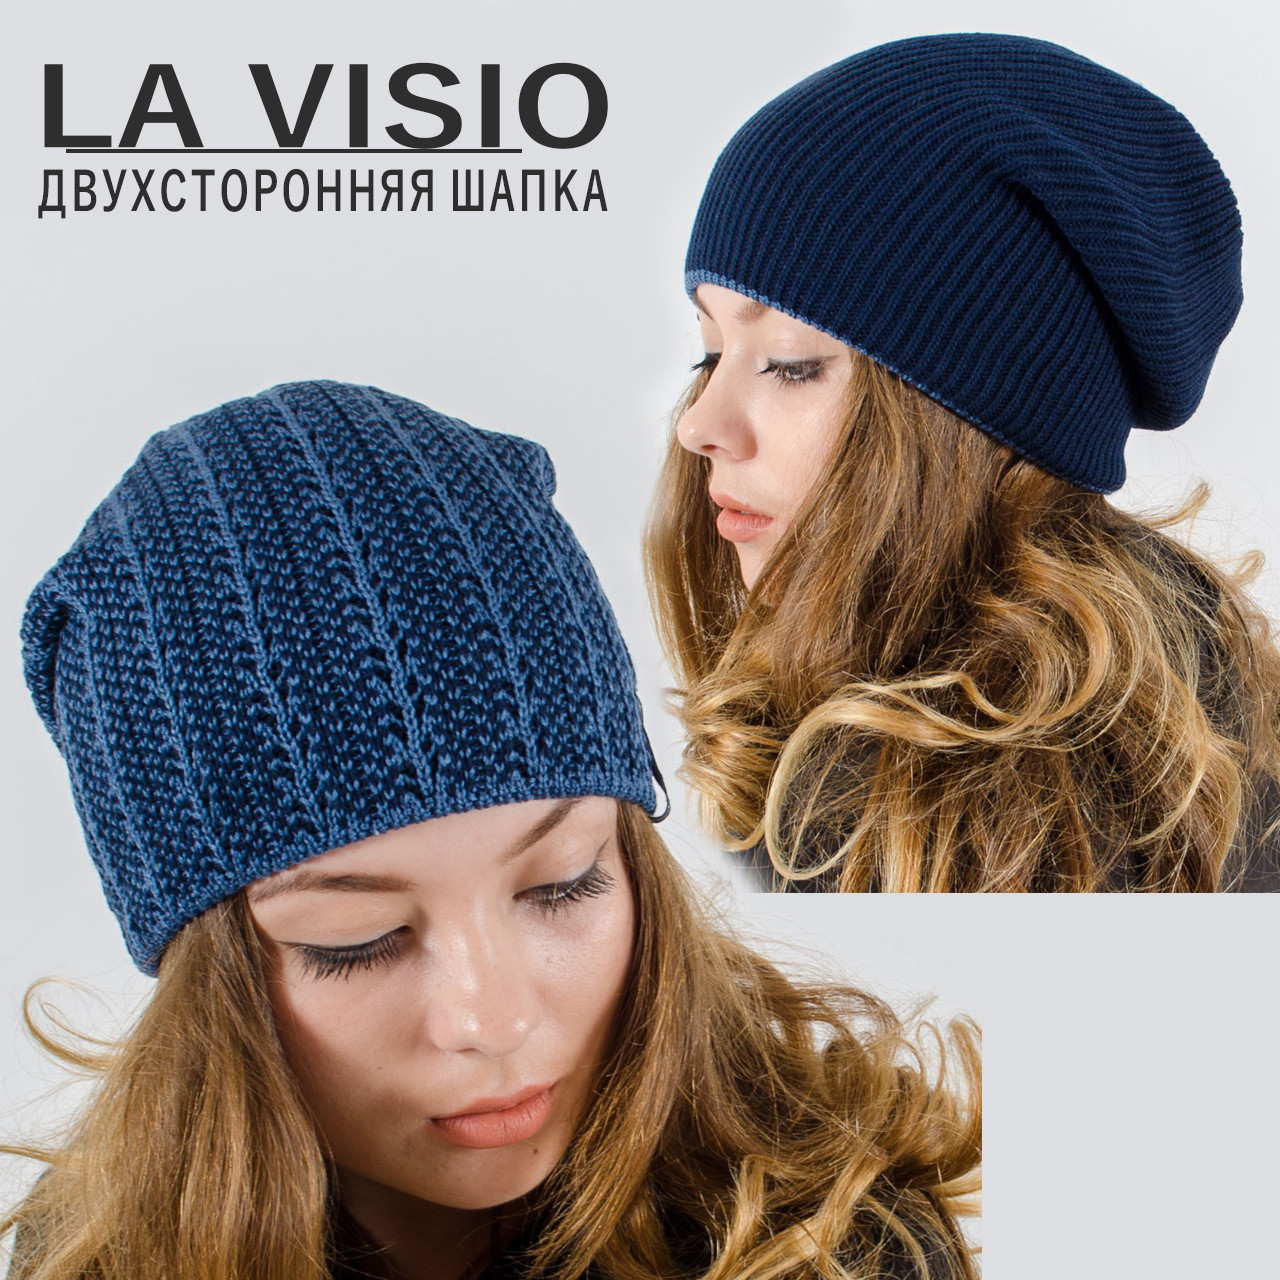 Шапка двухсторонняя, Ла Визио (джинс-синий)